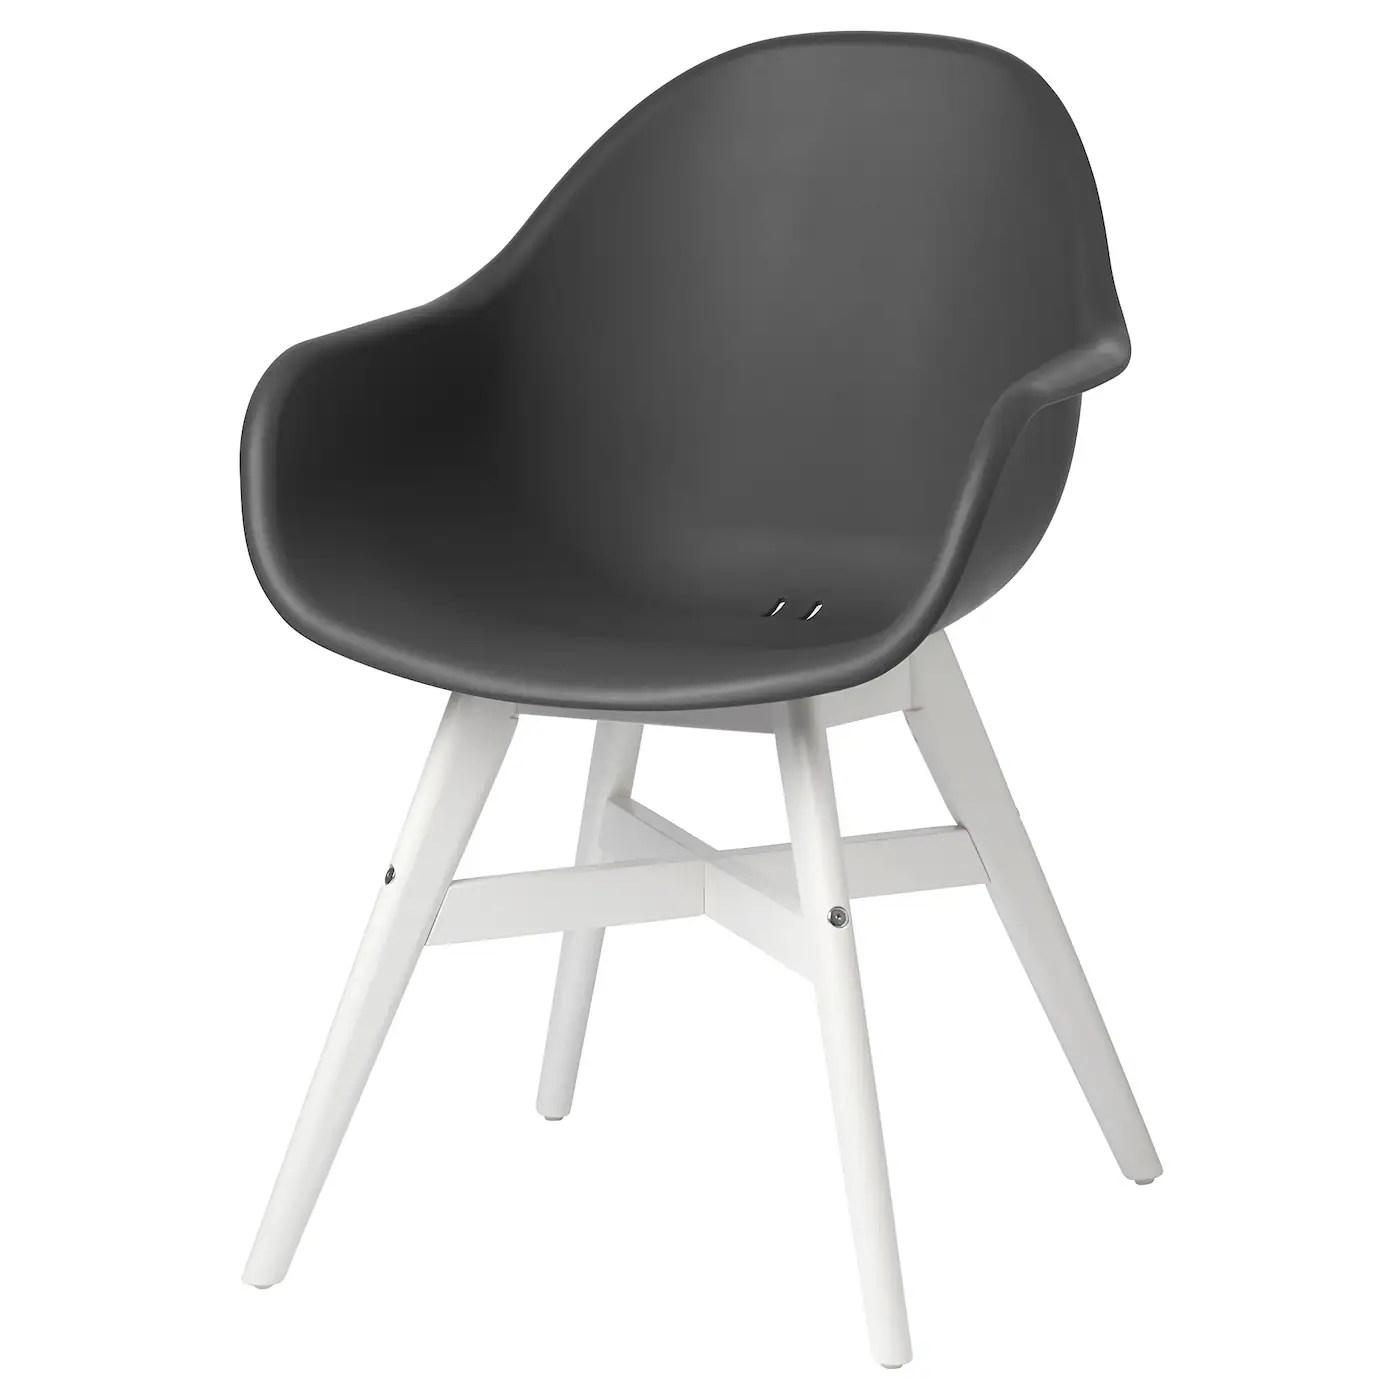 fanbyn chaise a accoudoirs gris blanc interieur exterieur